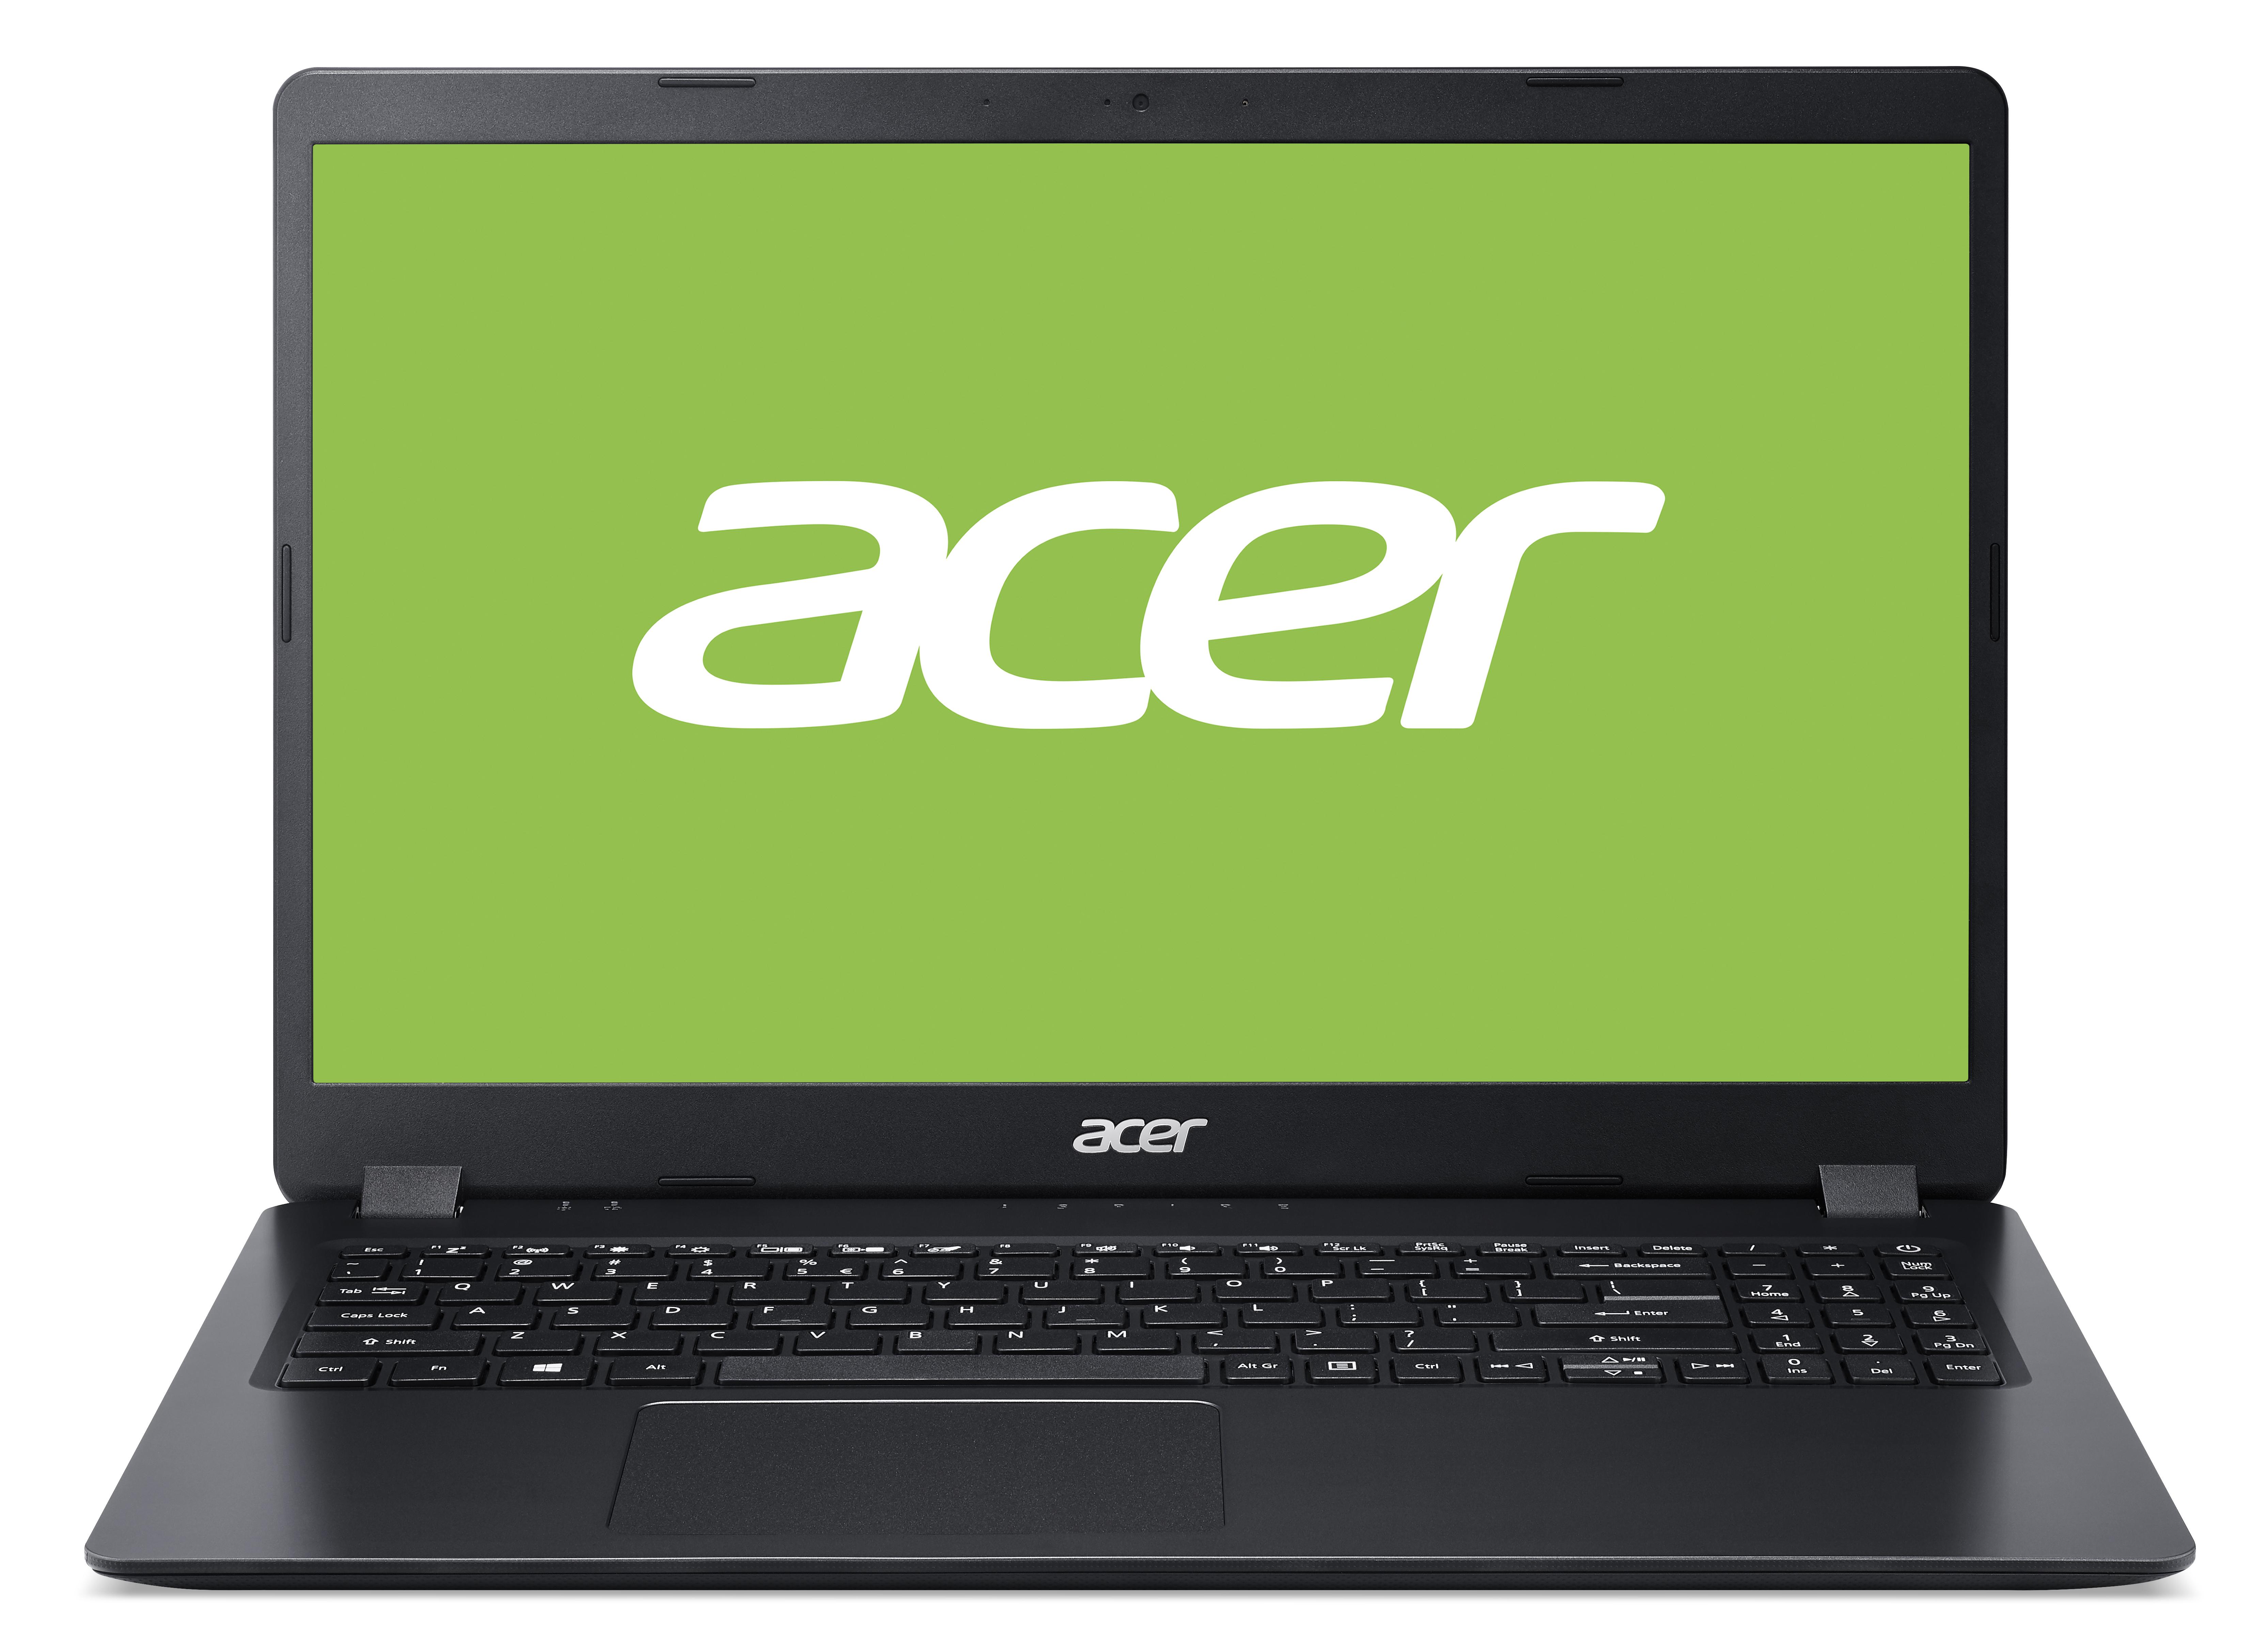 Acer Processore: Intel Core i3-10110U (4MB Cache, 2.1GHz) - A315-54-35ng